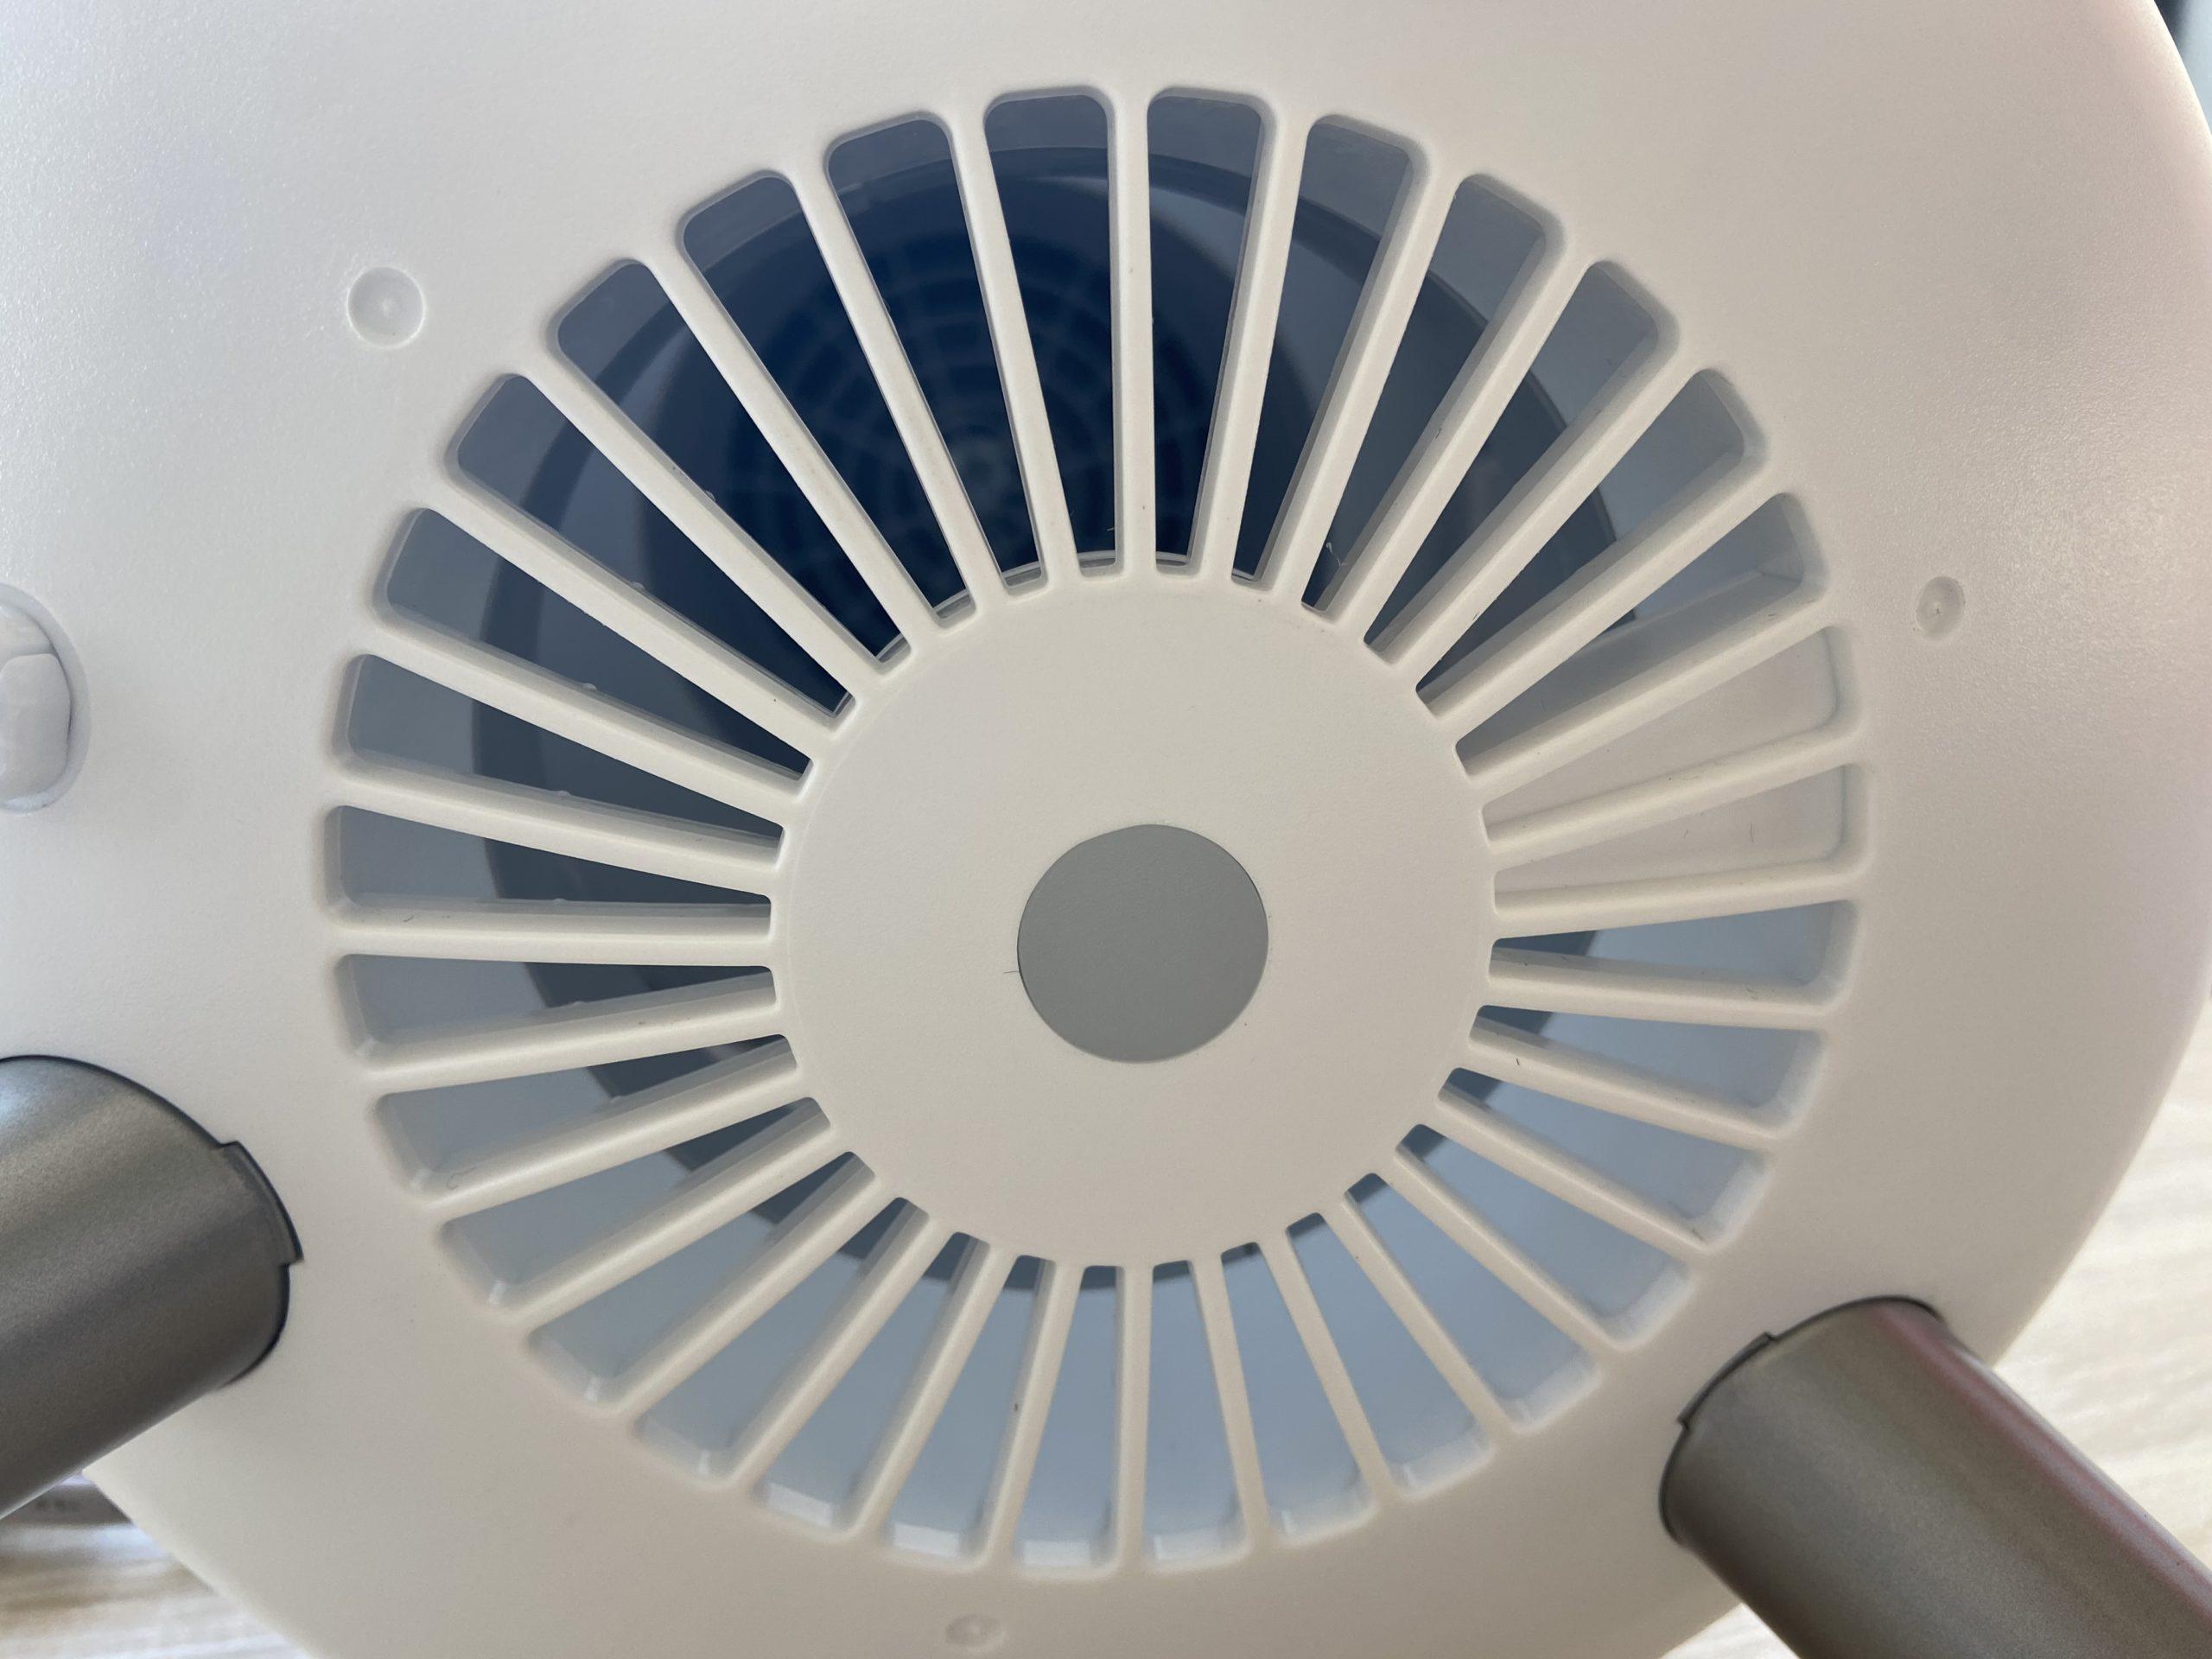 Honeywell HPA 830 淨香氛空氣清淨機 空氣品質指示燈